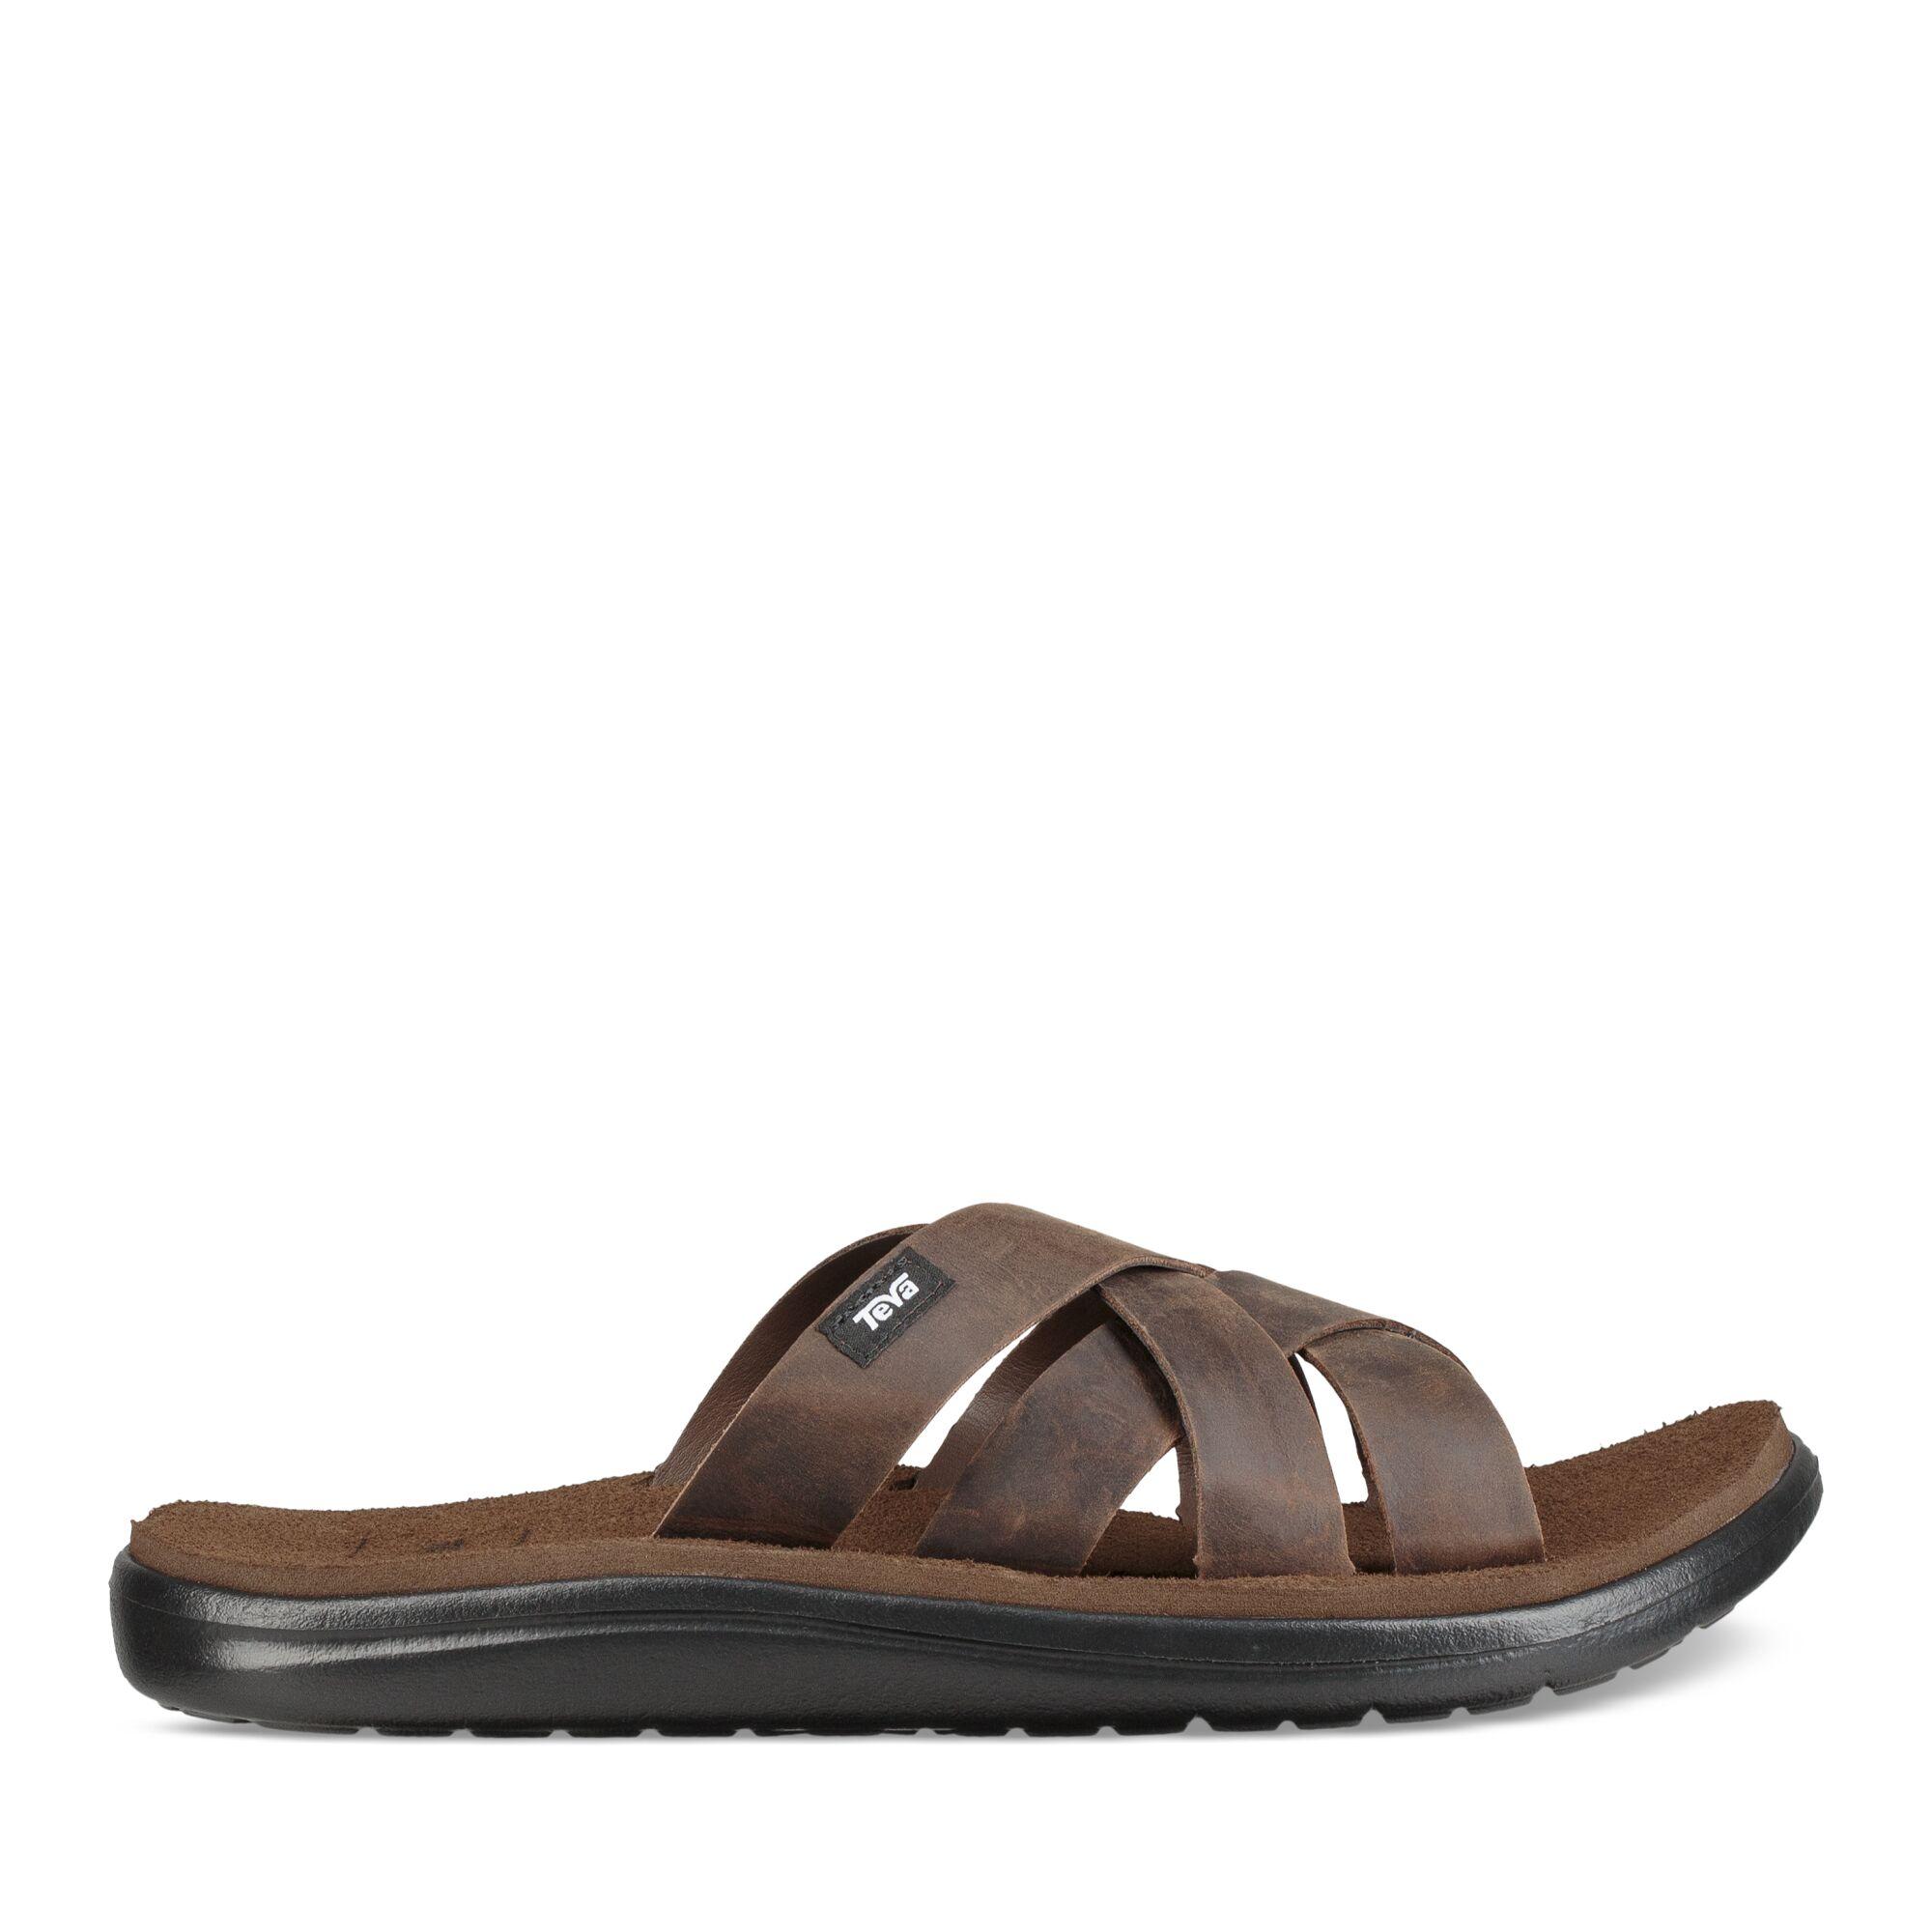 Teva M Voya Slide Leather - Sandal til mænd - Carafe | Shoes and overlays